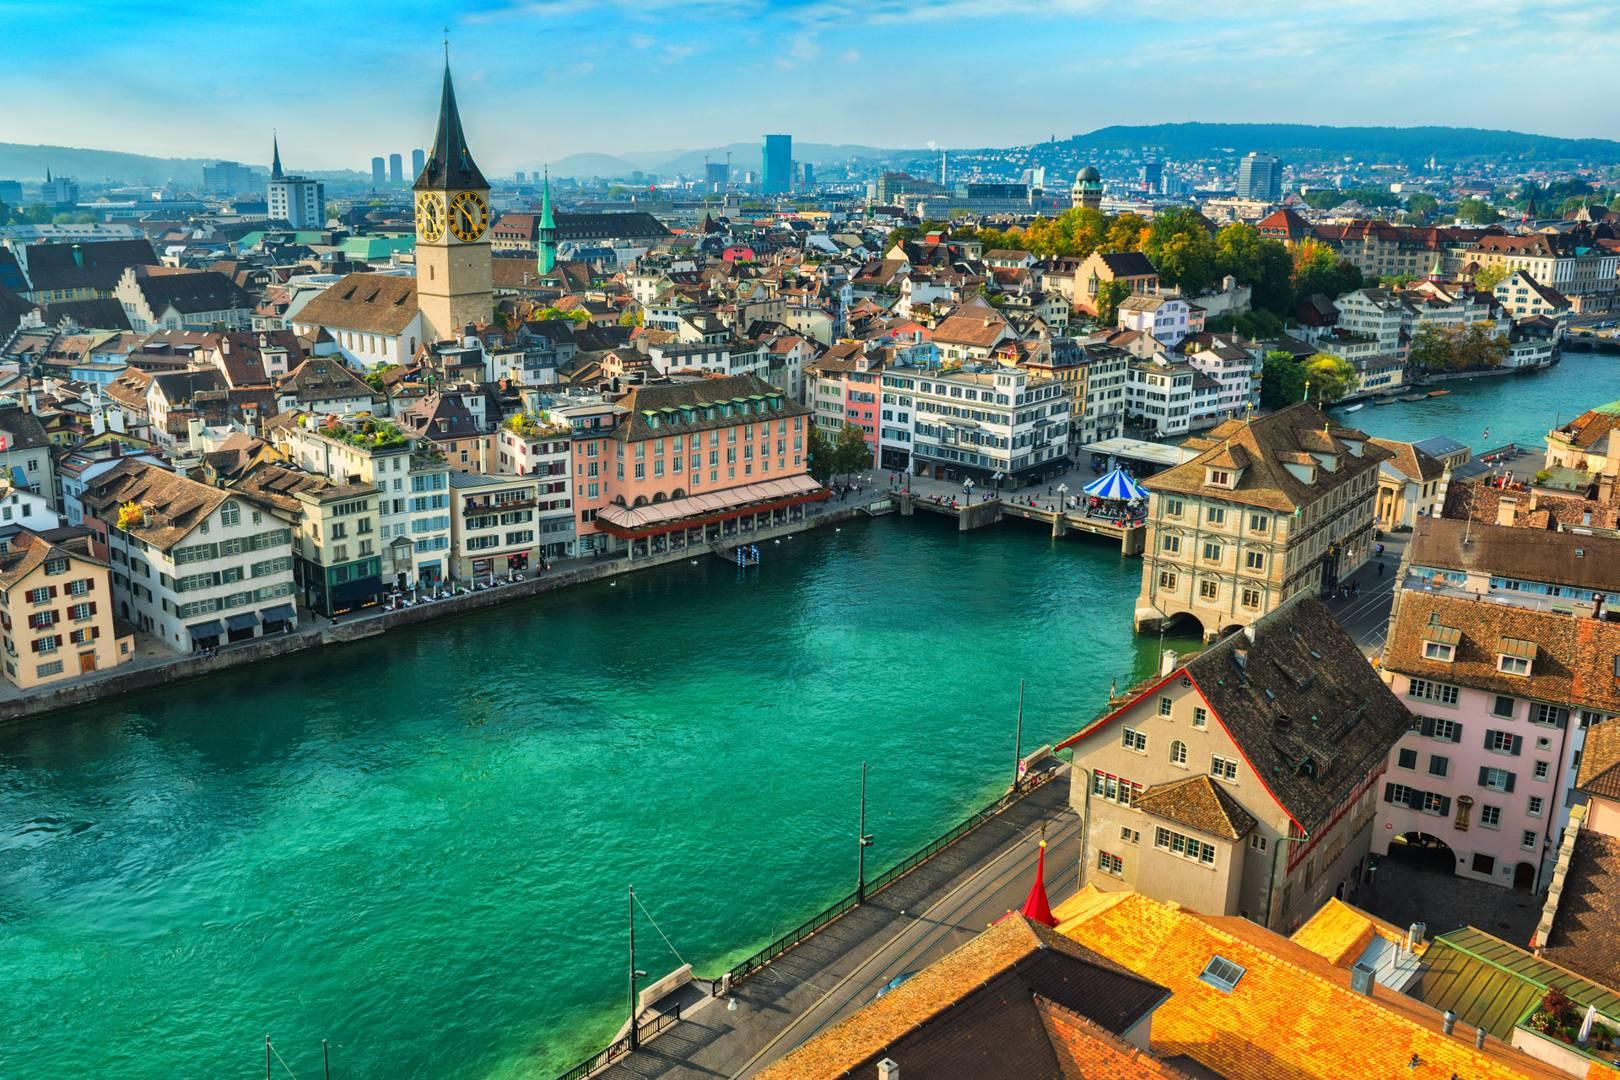 [Jeu] De quelle ville s'agit-il ? - Page 38 Zurich-hp-GQ-20July17_istock_b